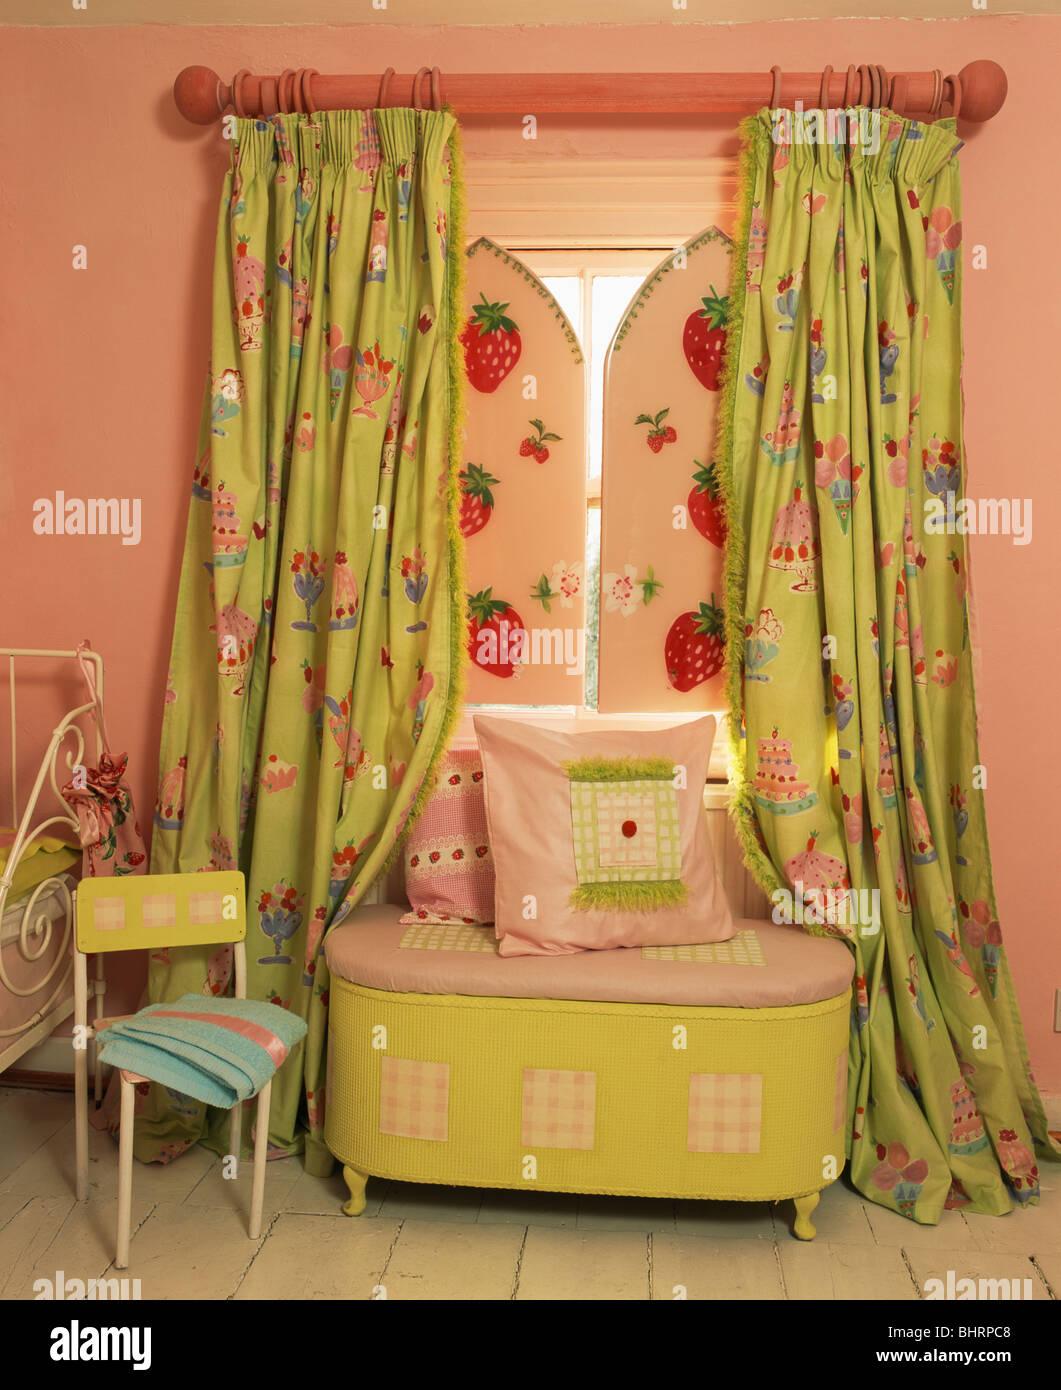 https www alamyimages fr photo image coussins sur lime coffre vert ci dessous fenetre avec rose rideaux verts et fraise volets a motifs de l enfant en chambre rose 28182008 html